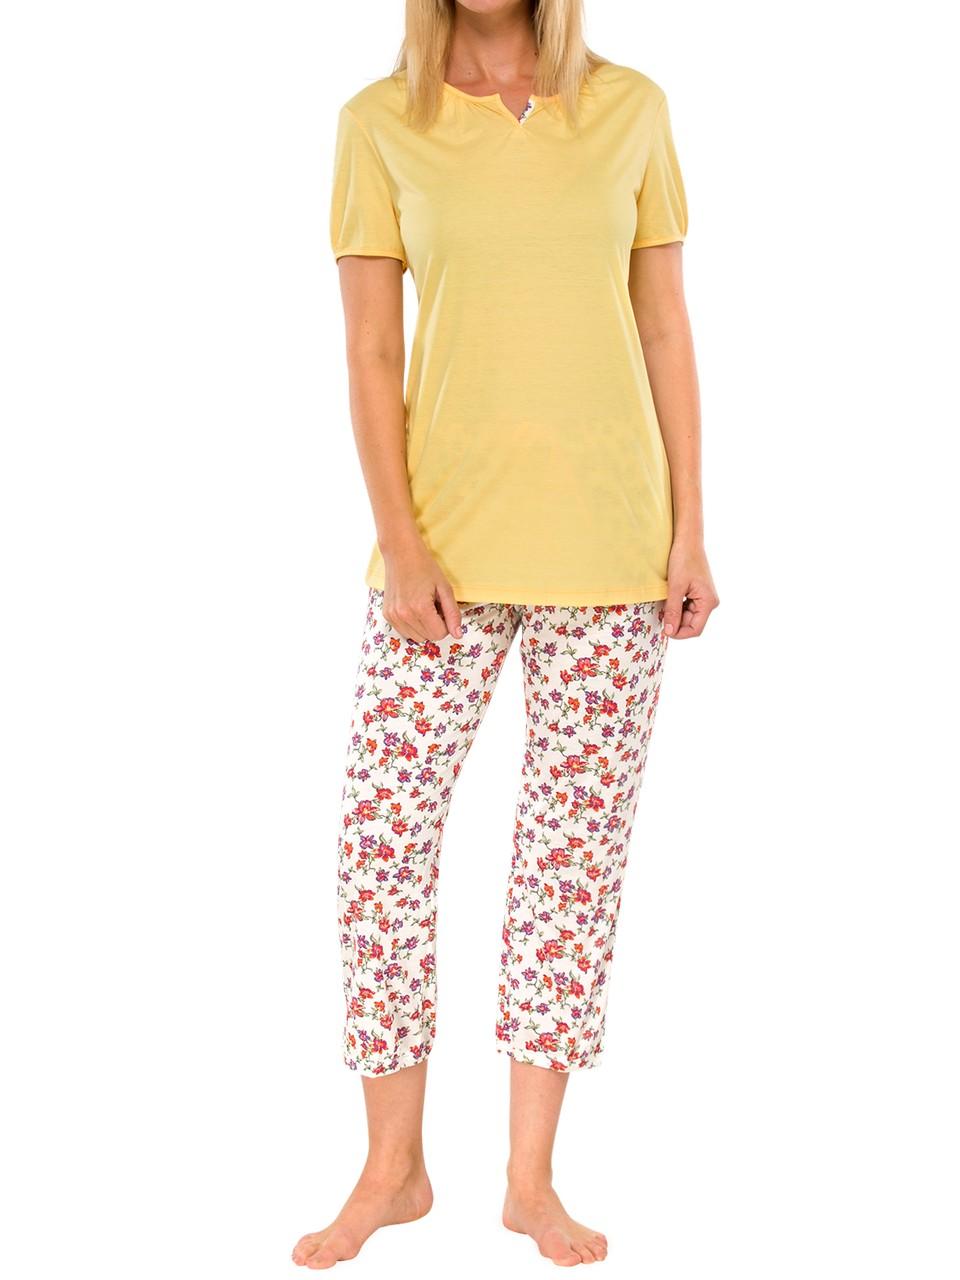 schiesser damen kurzer schlafanzug pyjama kurz 141719 schiesser w sche damen nachtw sche. Black Bedroom Furniture Sets. Home Design Ideas